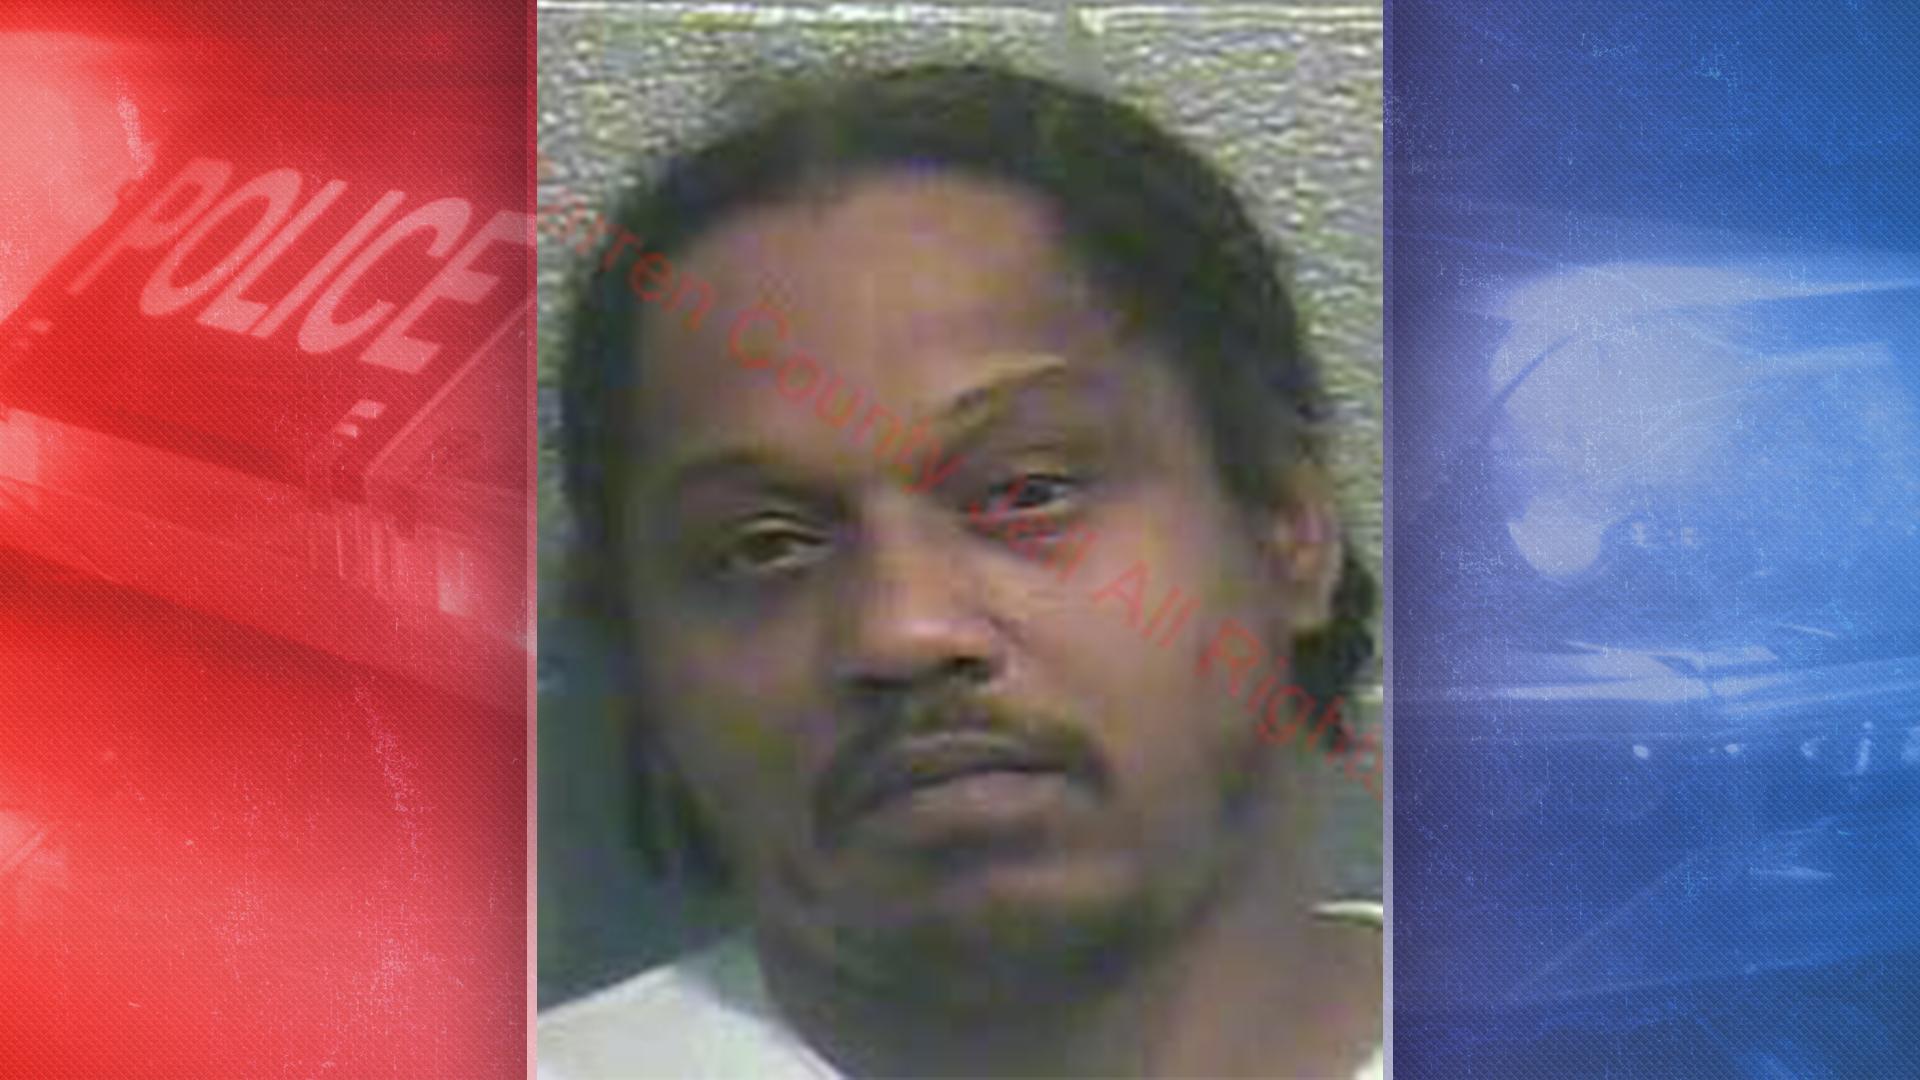 glasgow man behind bars  accused of burglarizing residence